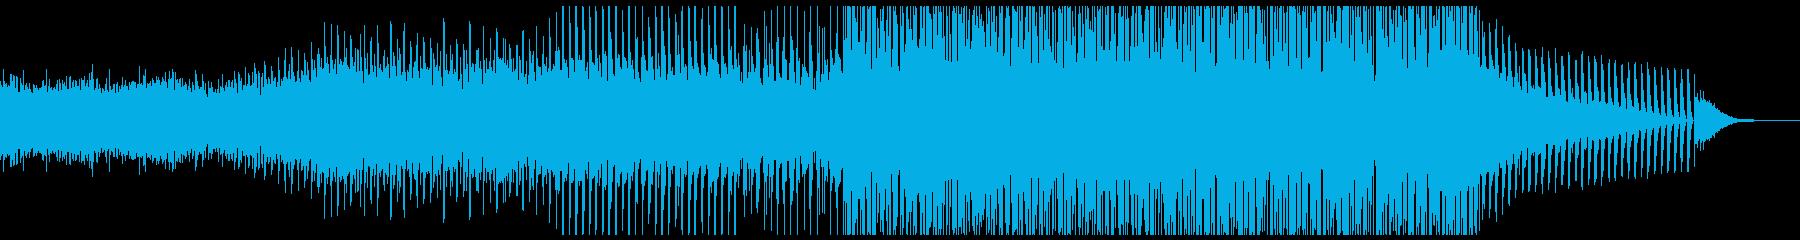 【幻想的な世界観】 アンビエントビートの再生済みの波形